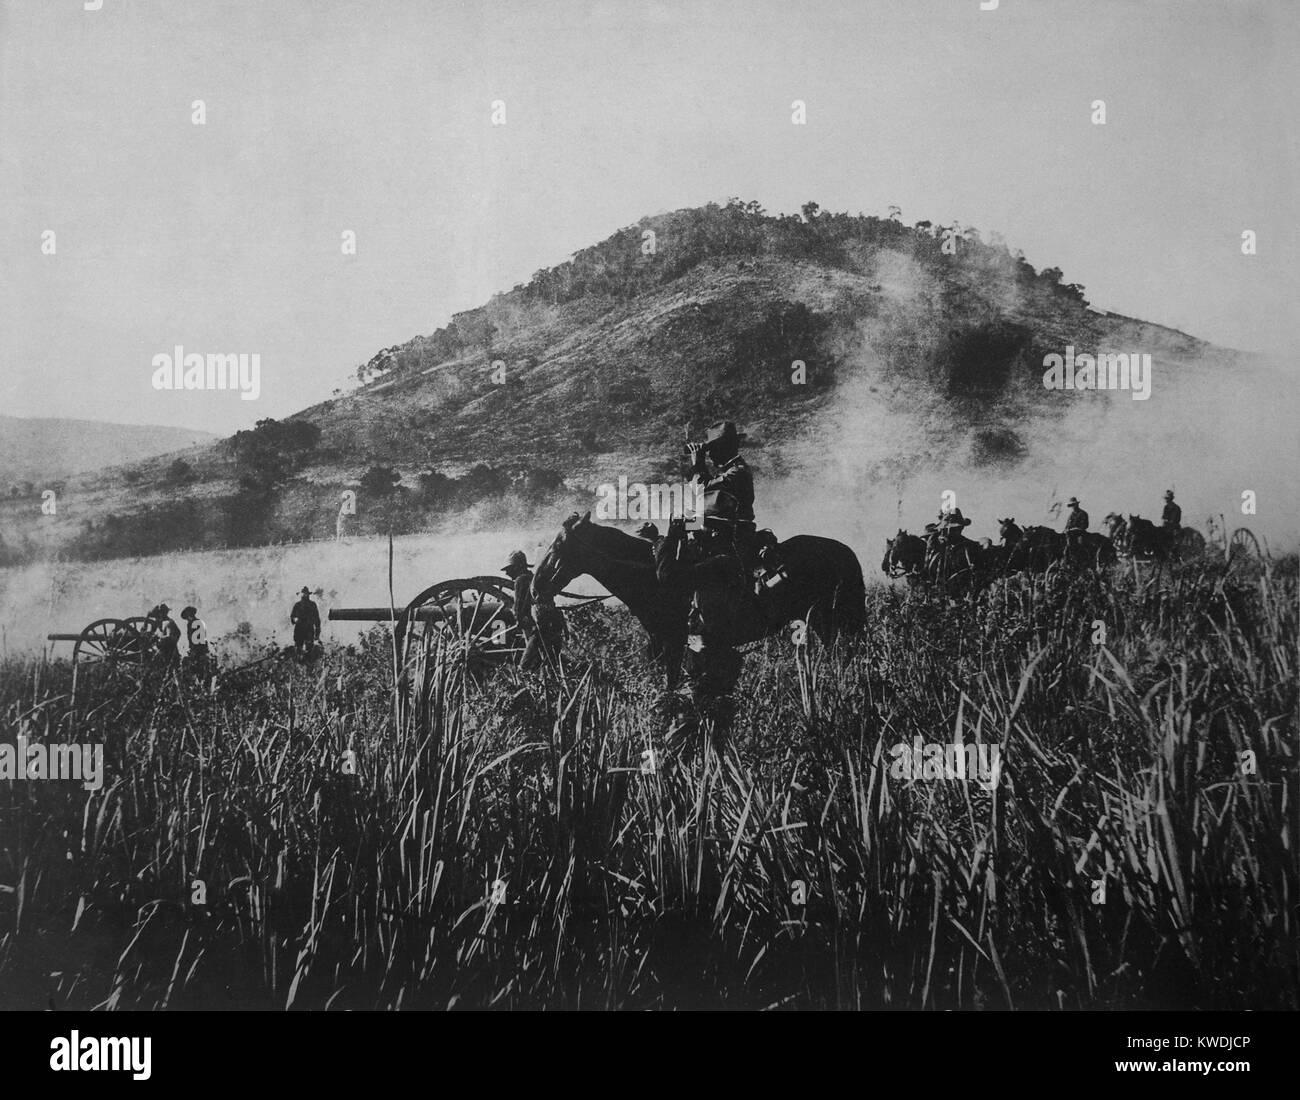 Nosotros, los bombardeos de artillería en Coamo, el 9 de agosto de 1898, mientras se avanza en la gobernación Imagen De Stock